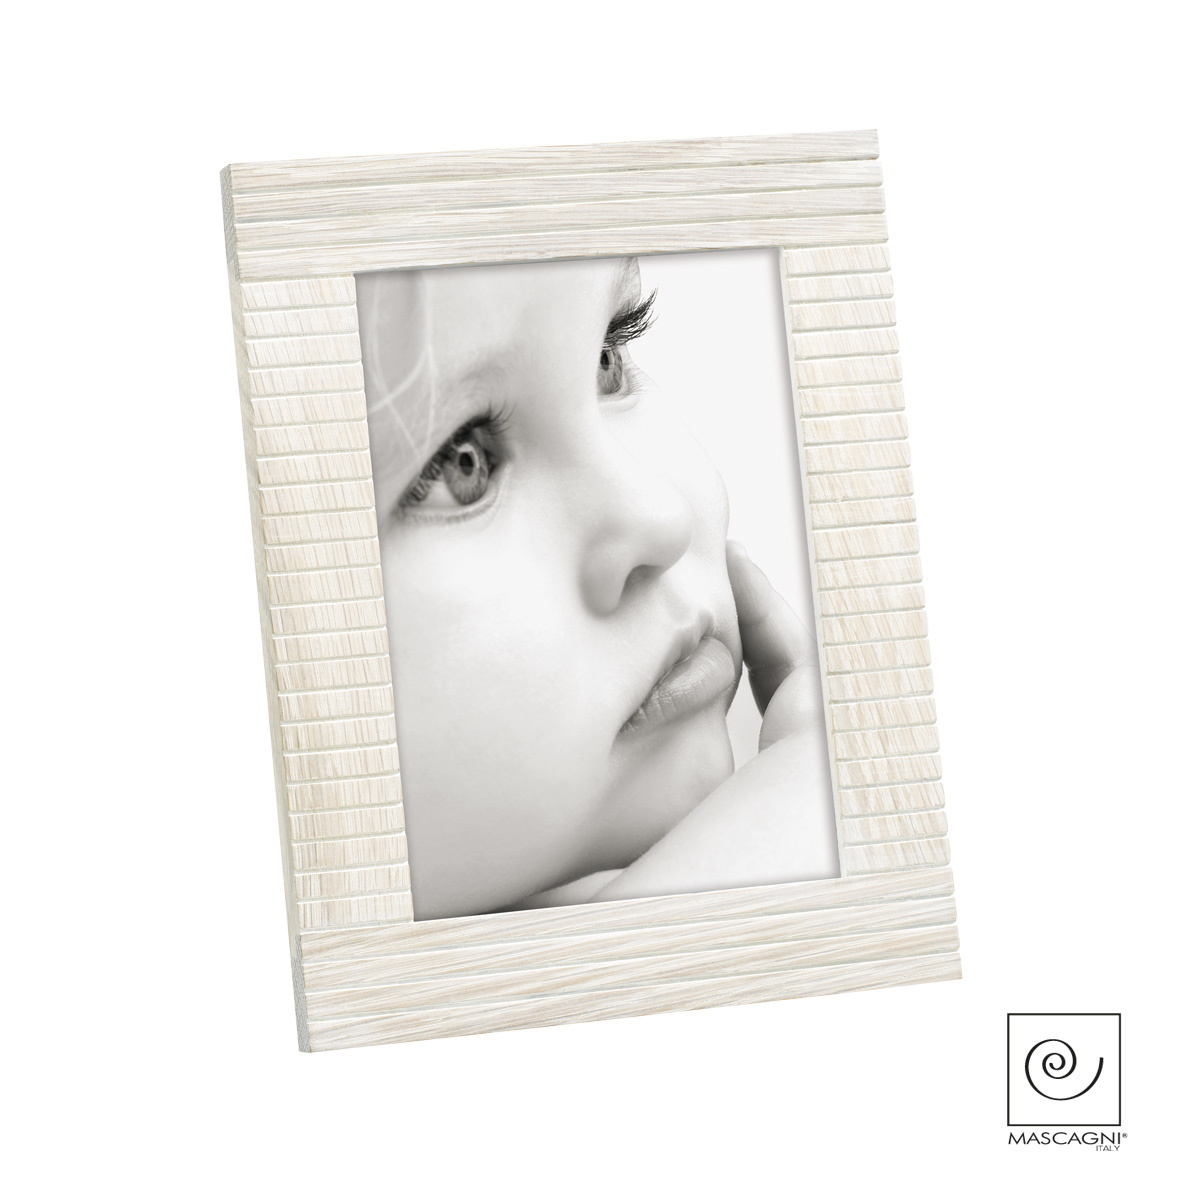 Art Mascagni A758 PHOTO FRAME 15X20 - COL. WHITE